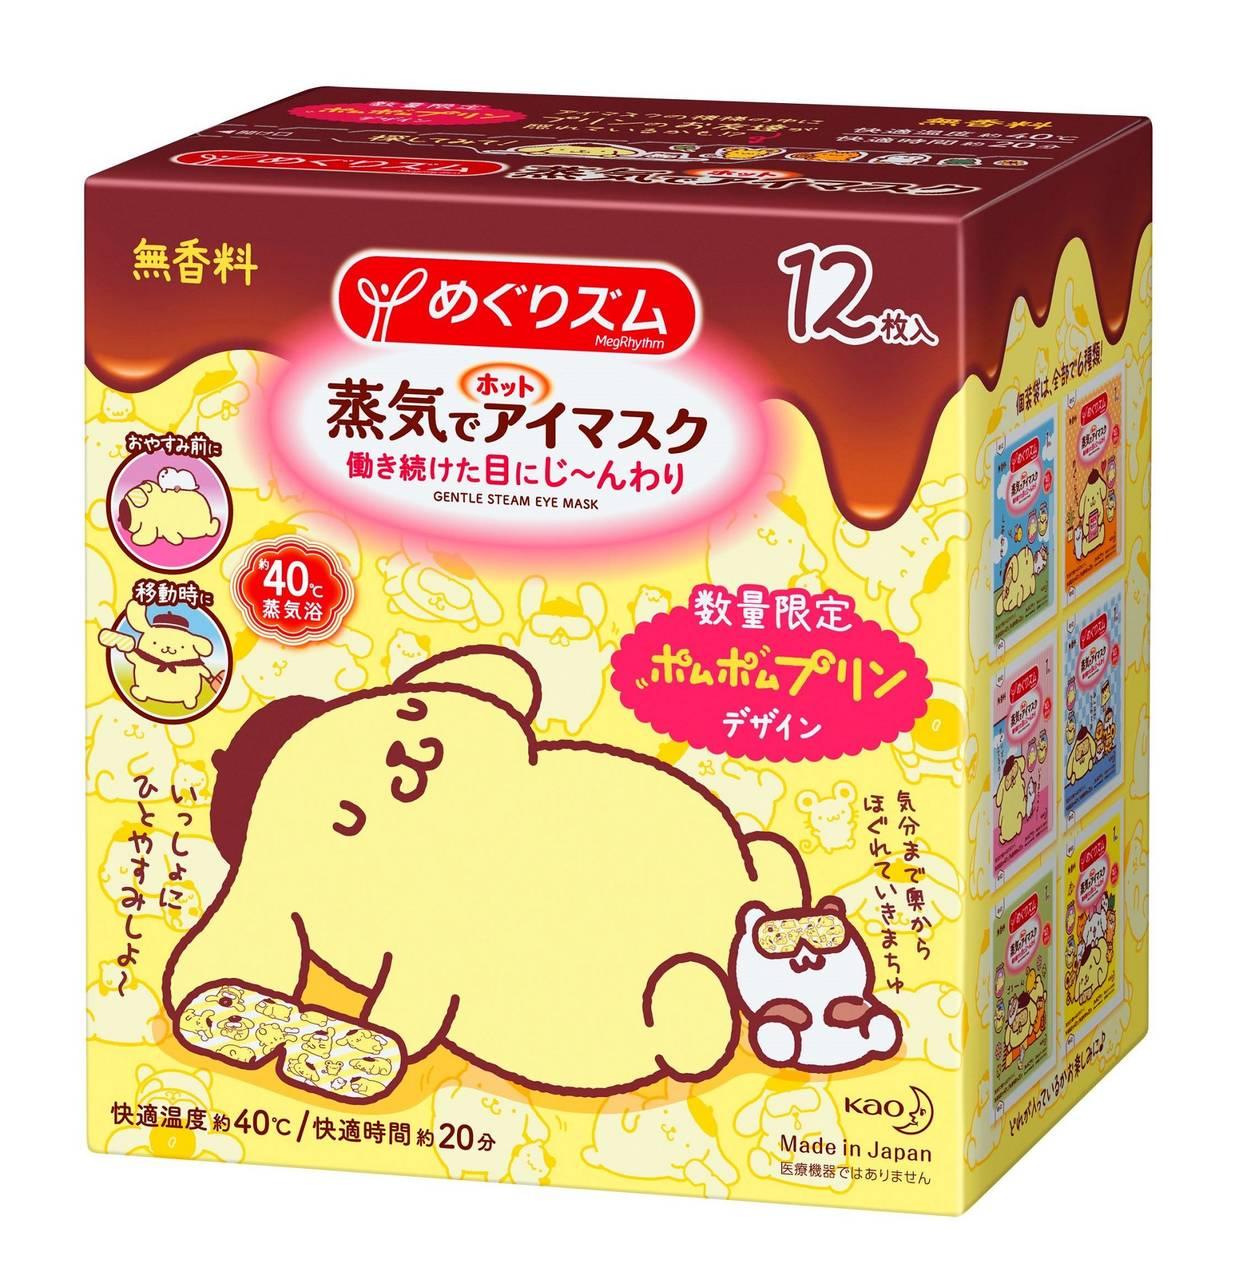 『ポムポムプリン』×「めぐりズム 蒸気でホットアイマスク」♪ 数量限定の可愛いパッケージ!